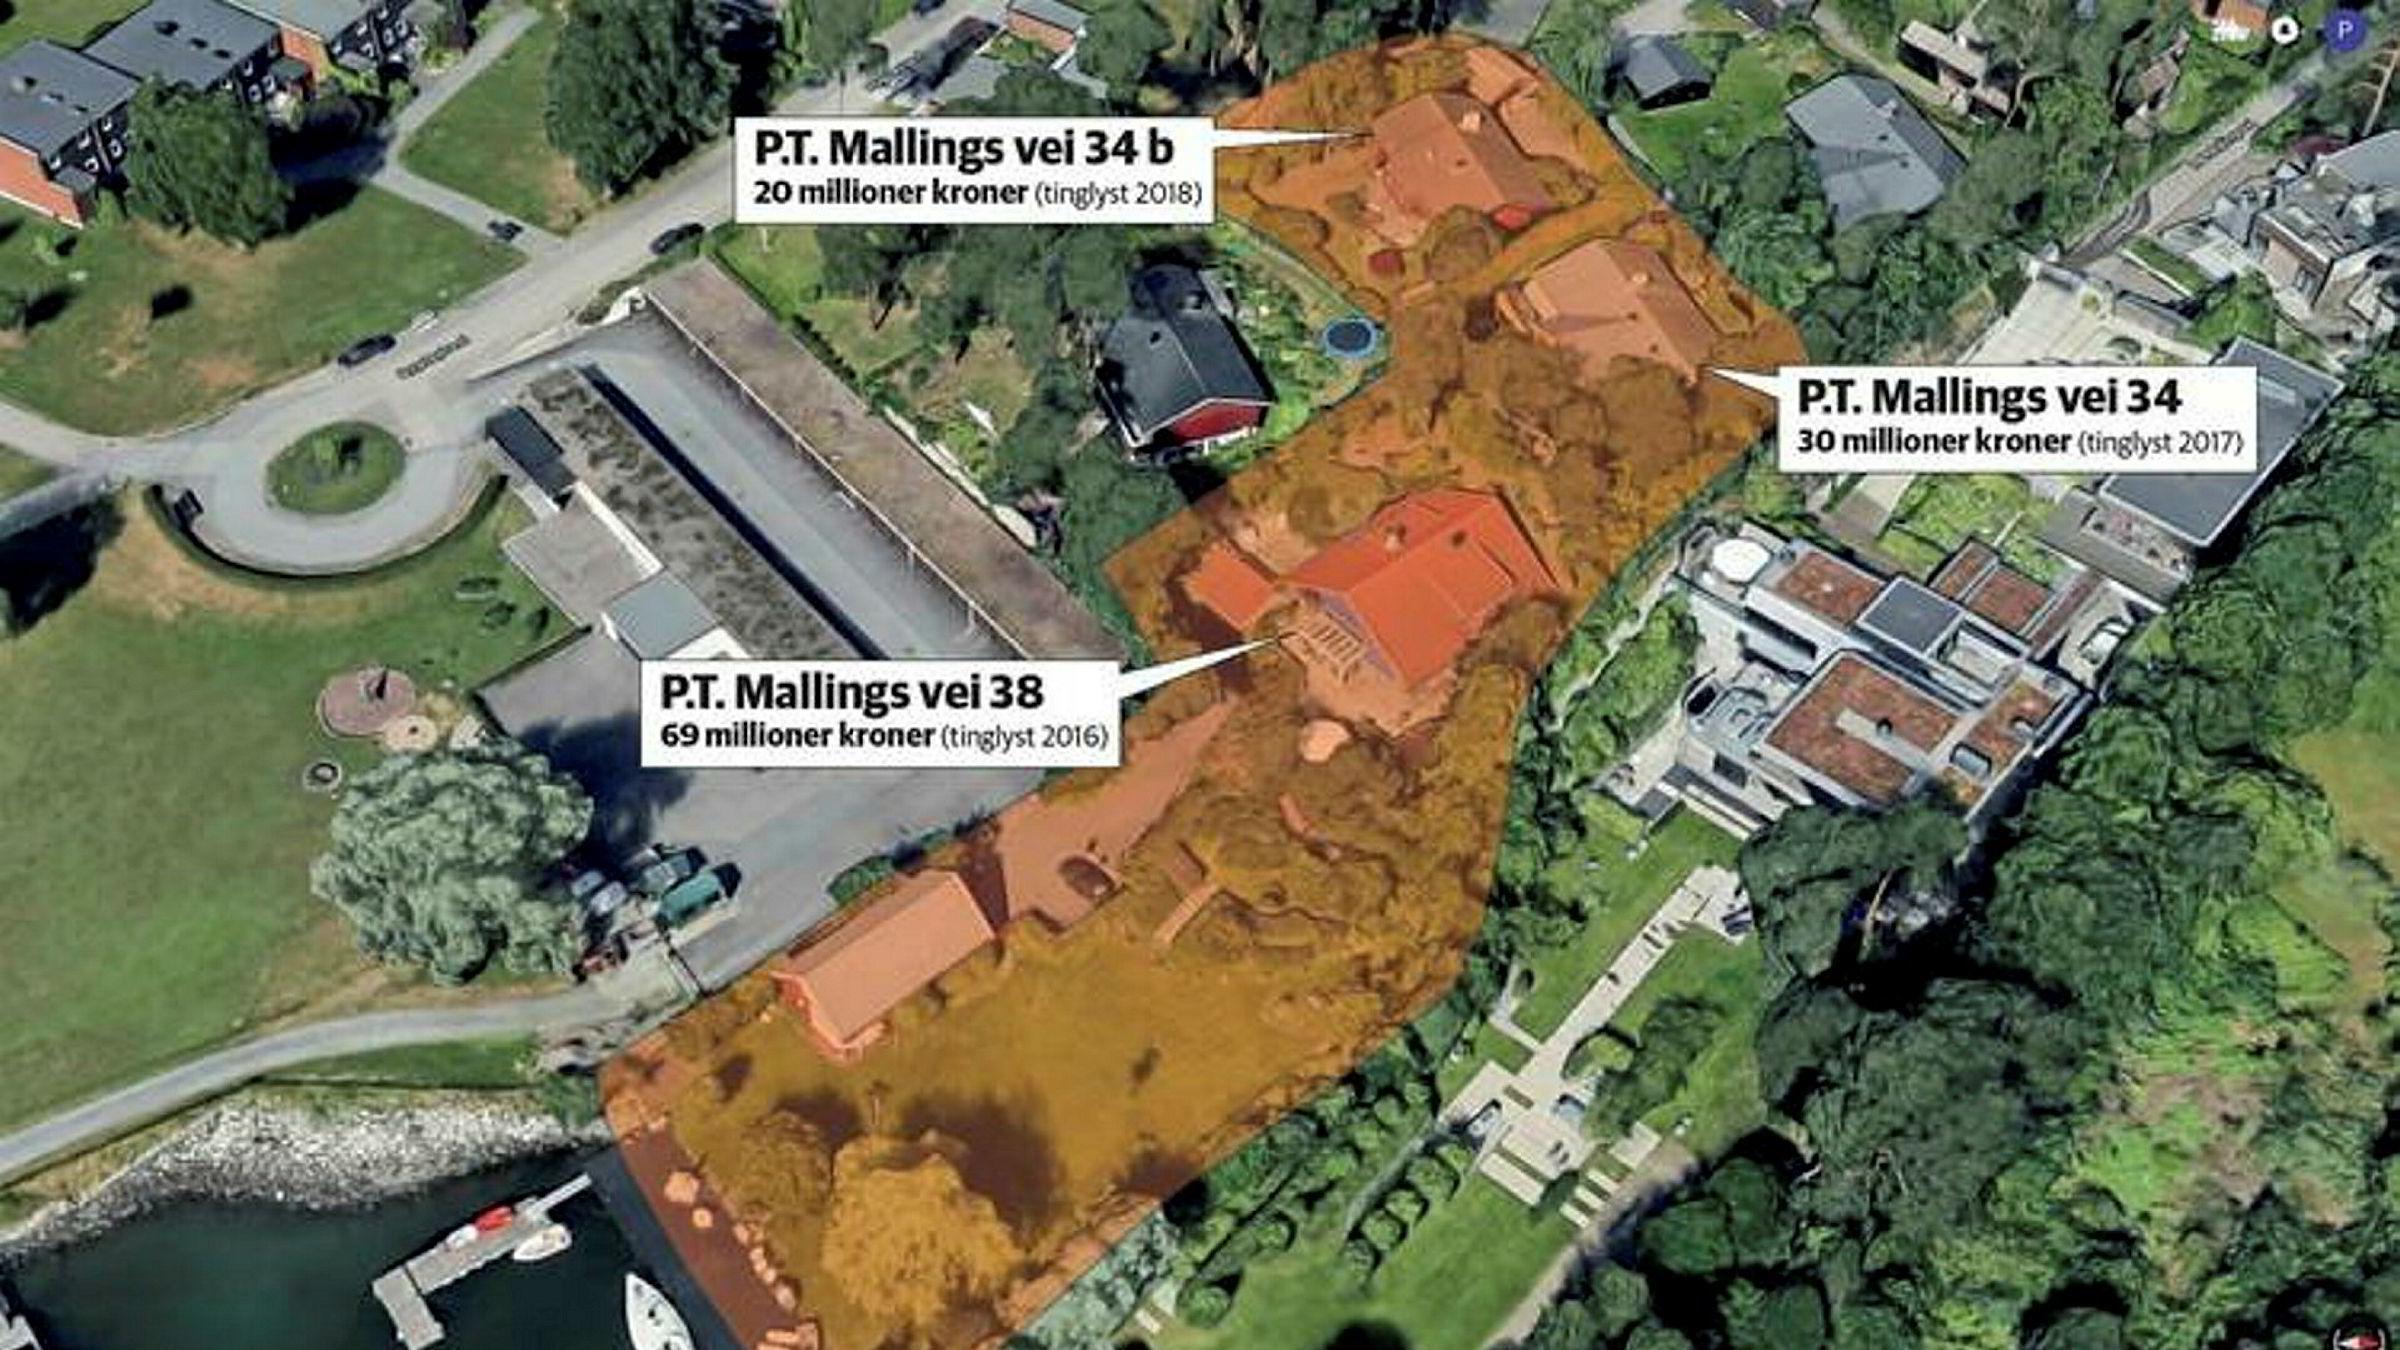 Nummer 34 og 38 i P.T. Mallings vei skal slås sammen, og hoveddelen ligge omtrent der nummer 38 ligger i dag, med en korridor tilbake til en mindre del, omtrent der nummer 34 ligger nå. Nummer 34B skal ifølge planen være en egen enhet på omtrent samme sted, men med kortenden mot havet.